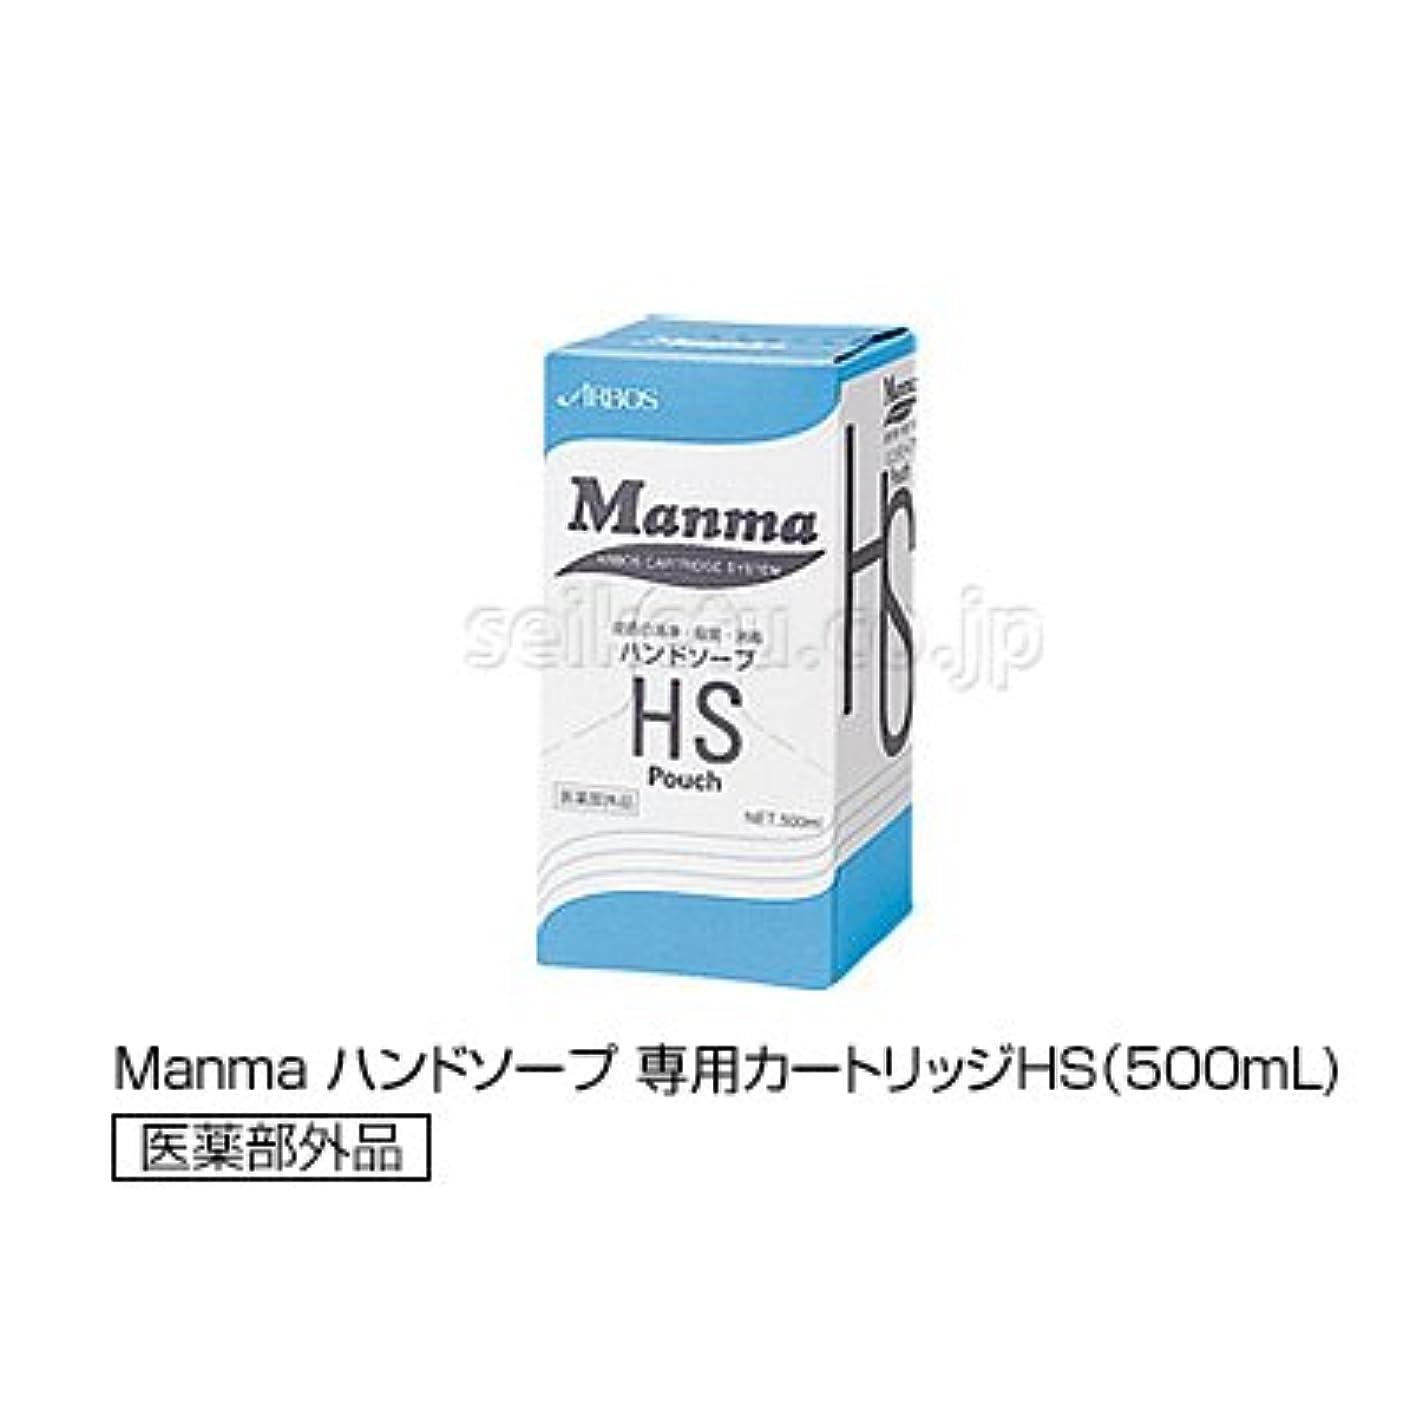 選出する視聴者達成Manma ハンドソープ 専用カートリッジ/専用カートリッジHS(500mL)【清潔キレイ館】